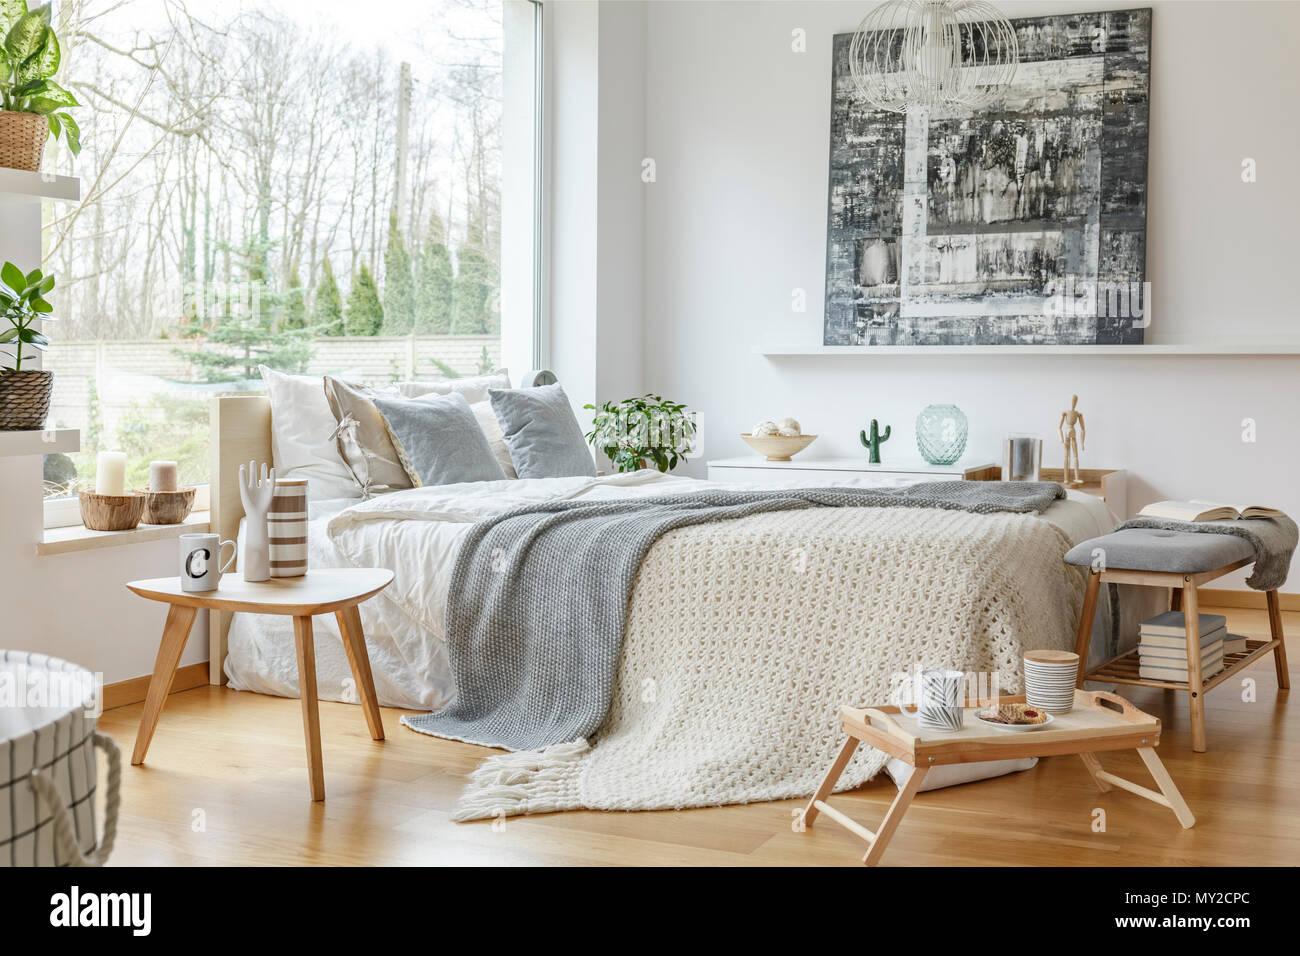 Ein Grosses Bett Mit Grau Kissen Gemalde An Der Wand Grosse Fenster